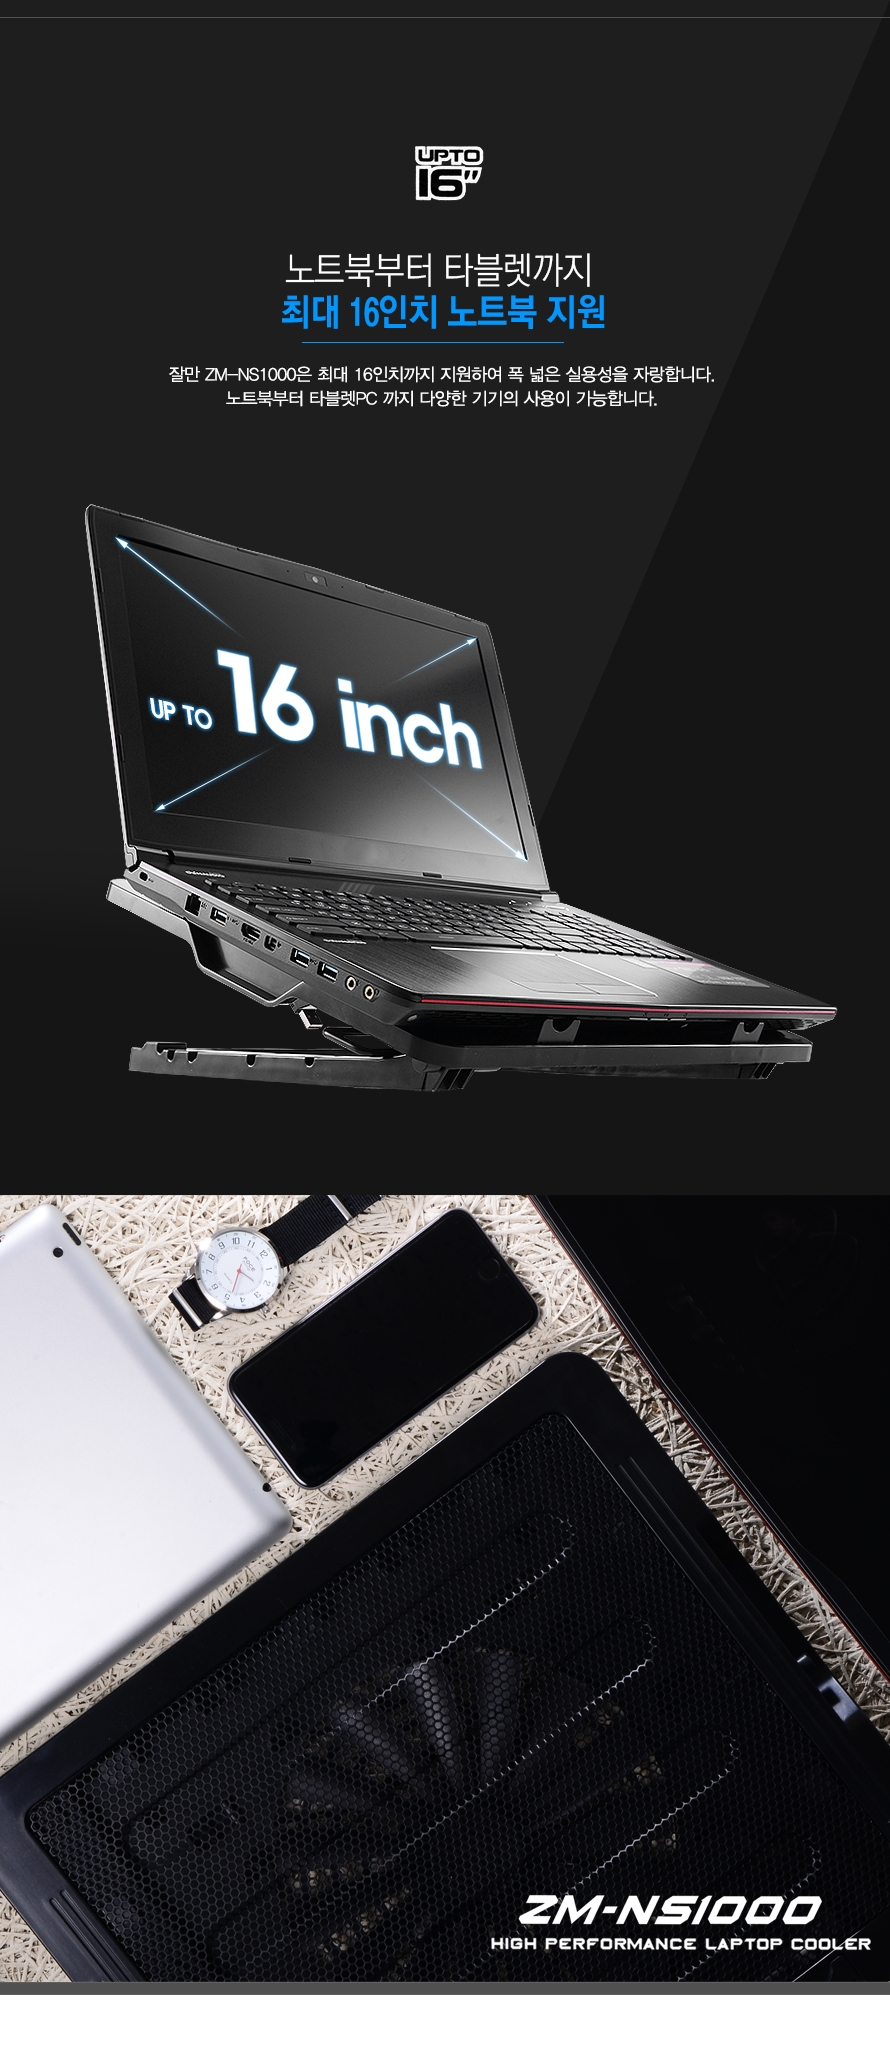 최대 16인치 노트북 지원 잘만 ZM-NS1000은 최대 16인치까지 지원하여 폭 넓은 실용성을 자랑합니다. 노트북부터 타블렛PC 까지 다양한 기기의 사용이 가능합니다.